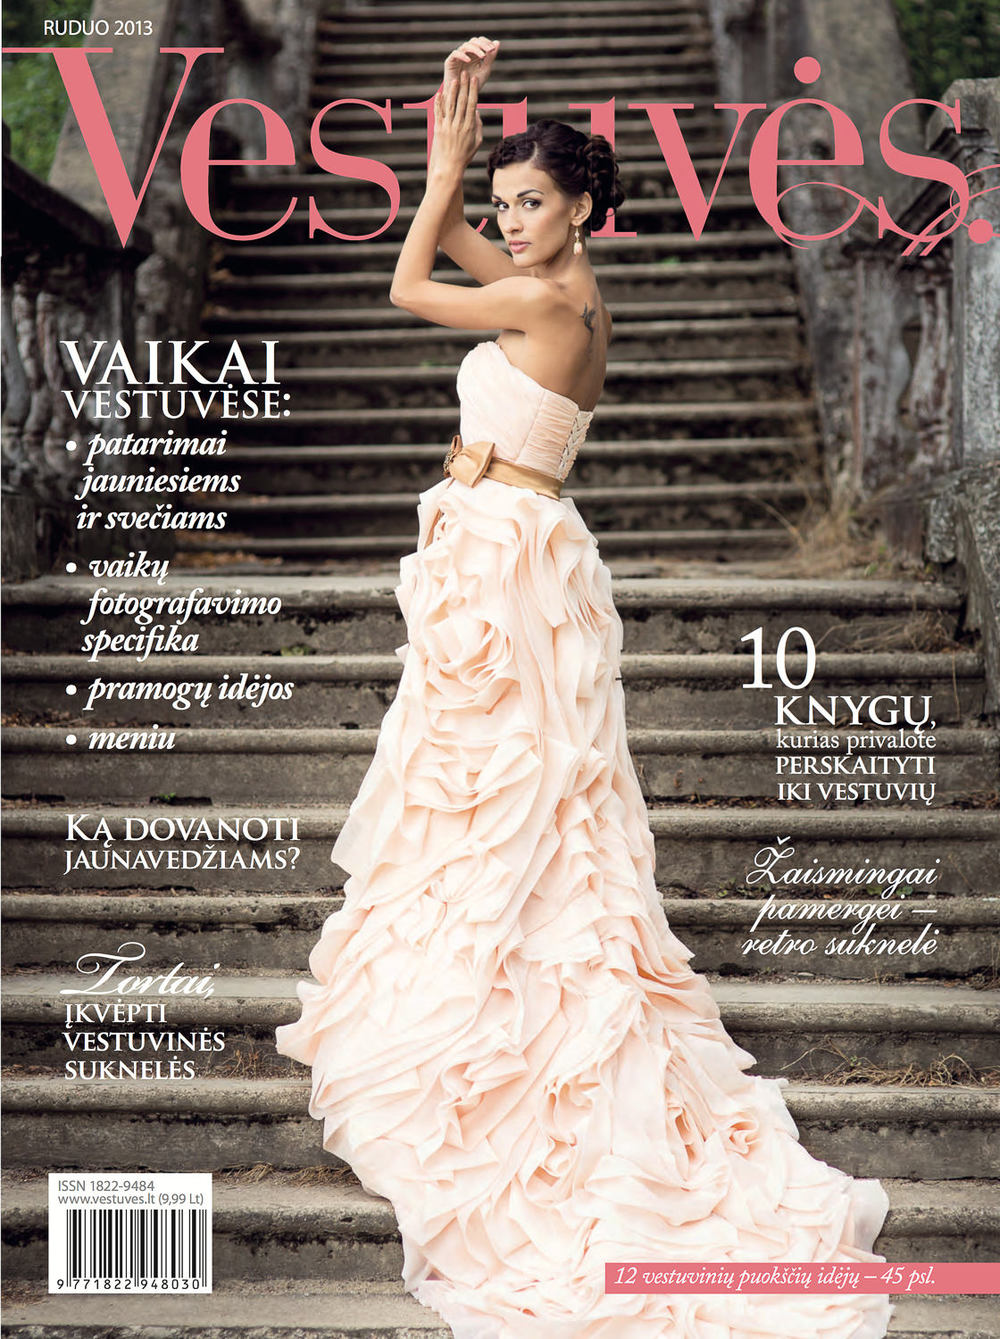 Fotojura Vestuviu fotografai Olga virselis.jpg